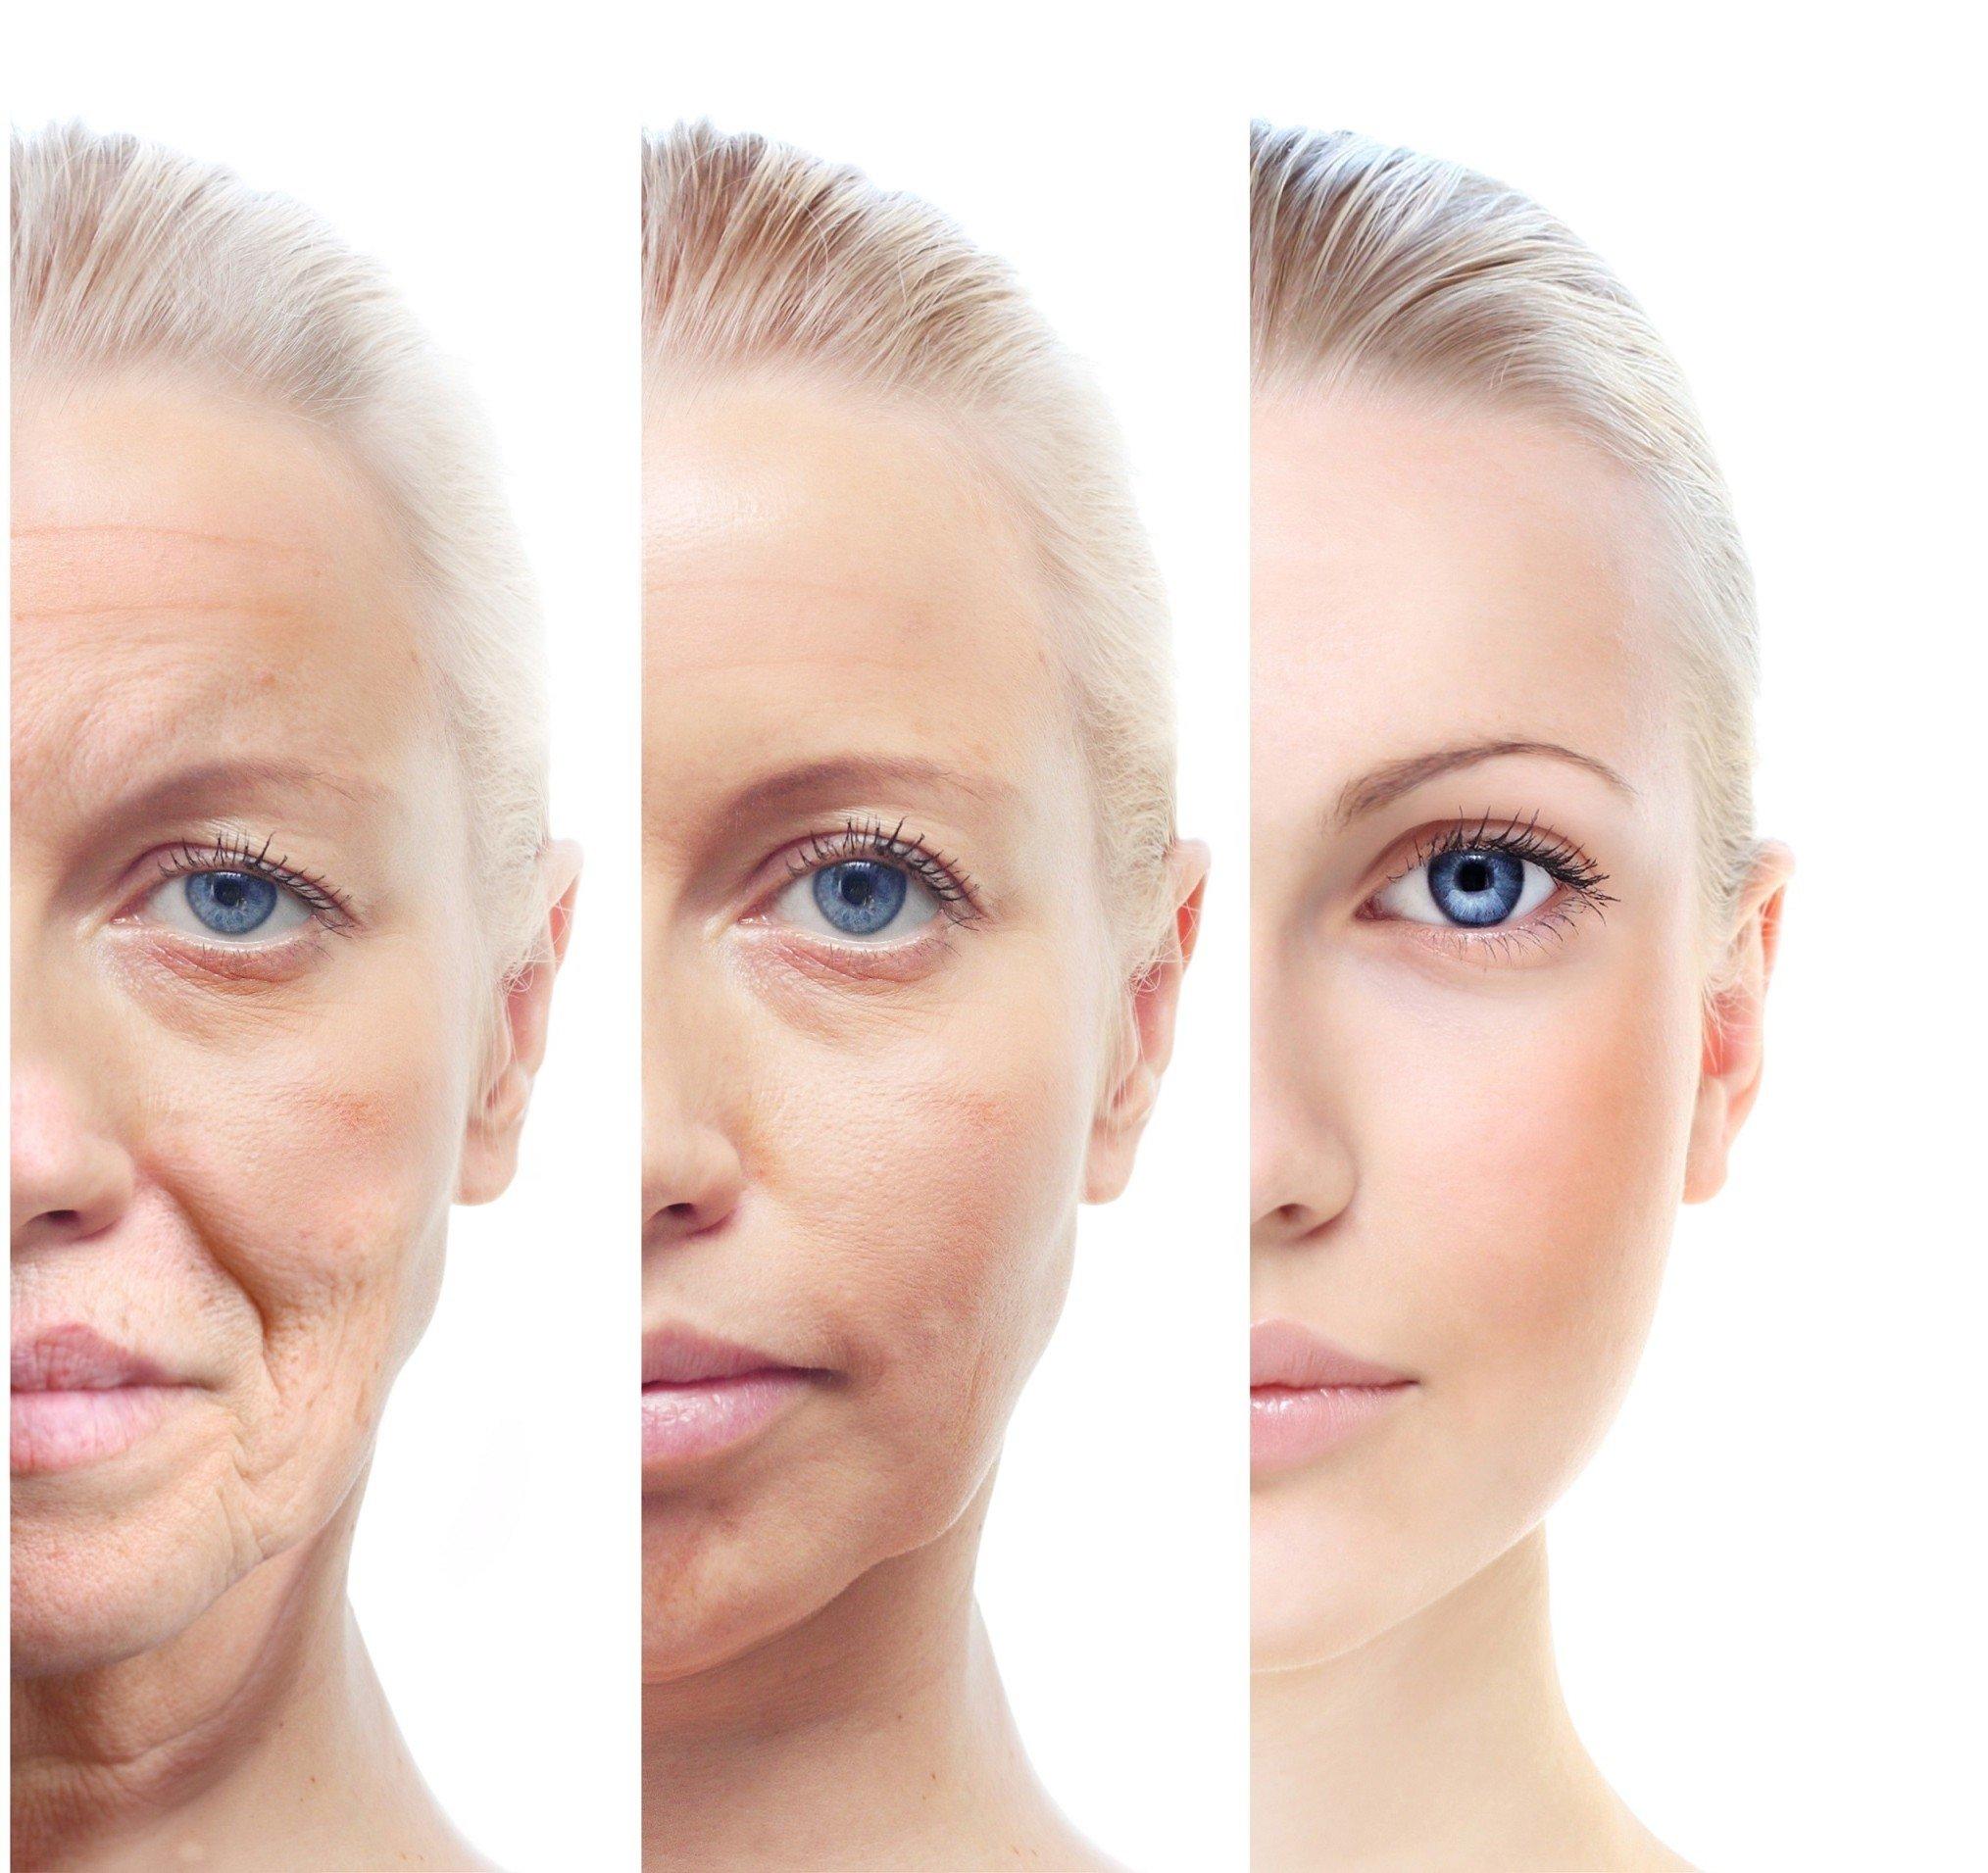 Foto yaşlanma nedir? Sağlık  nedir lanma